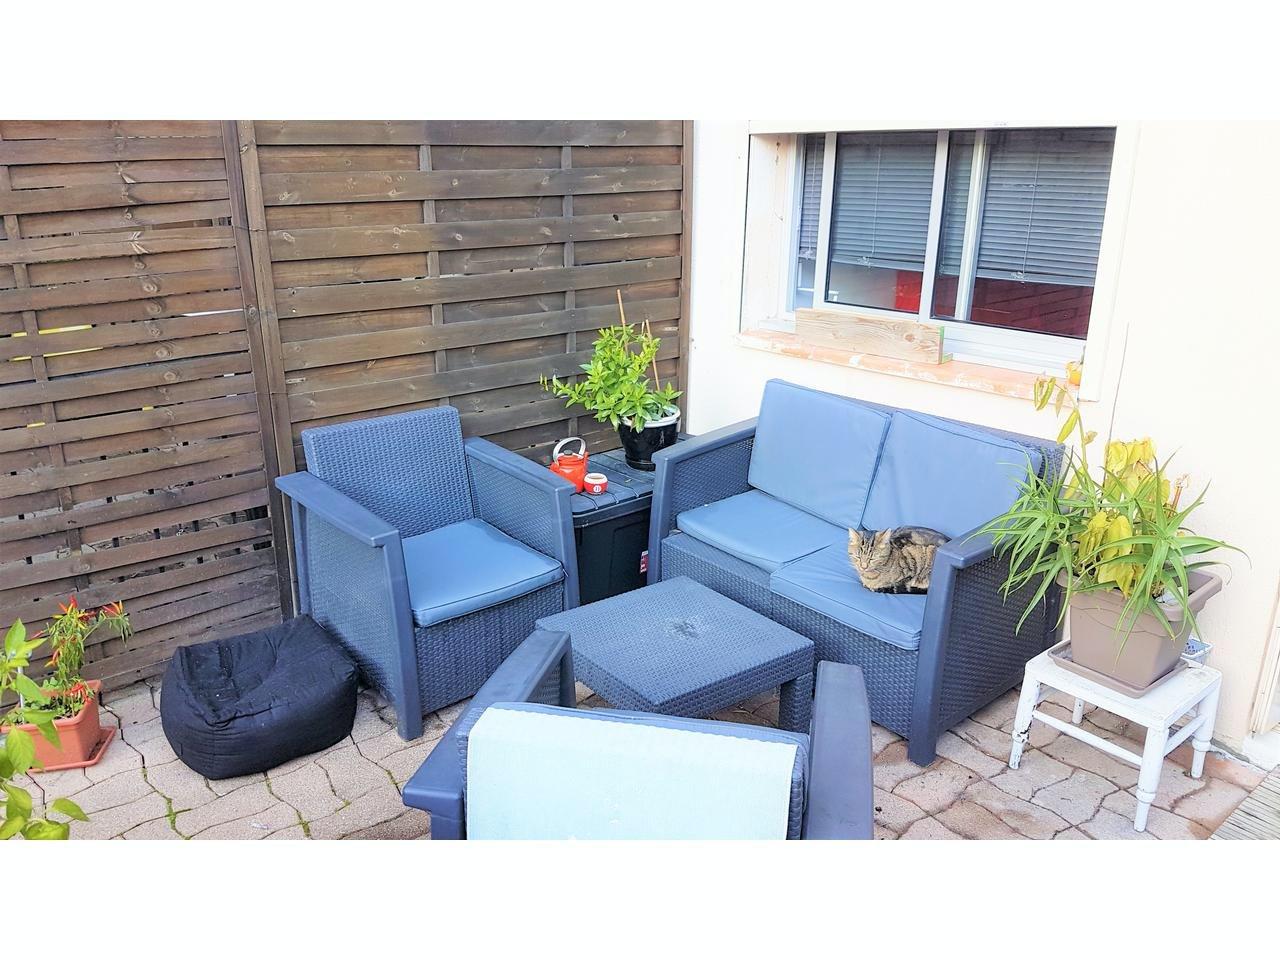 Studio m 40 kvm terrass - perfekt för uthyrning!